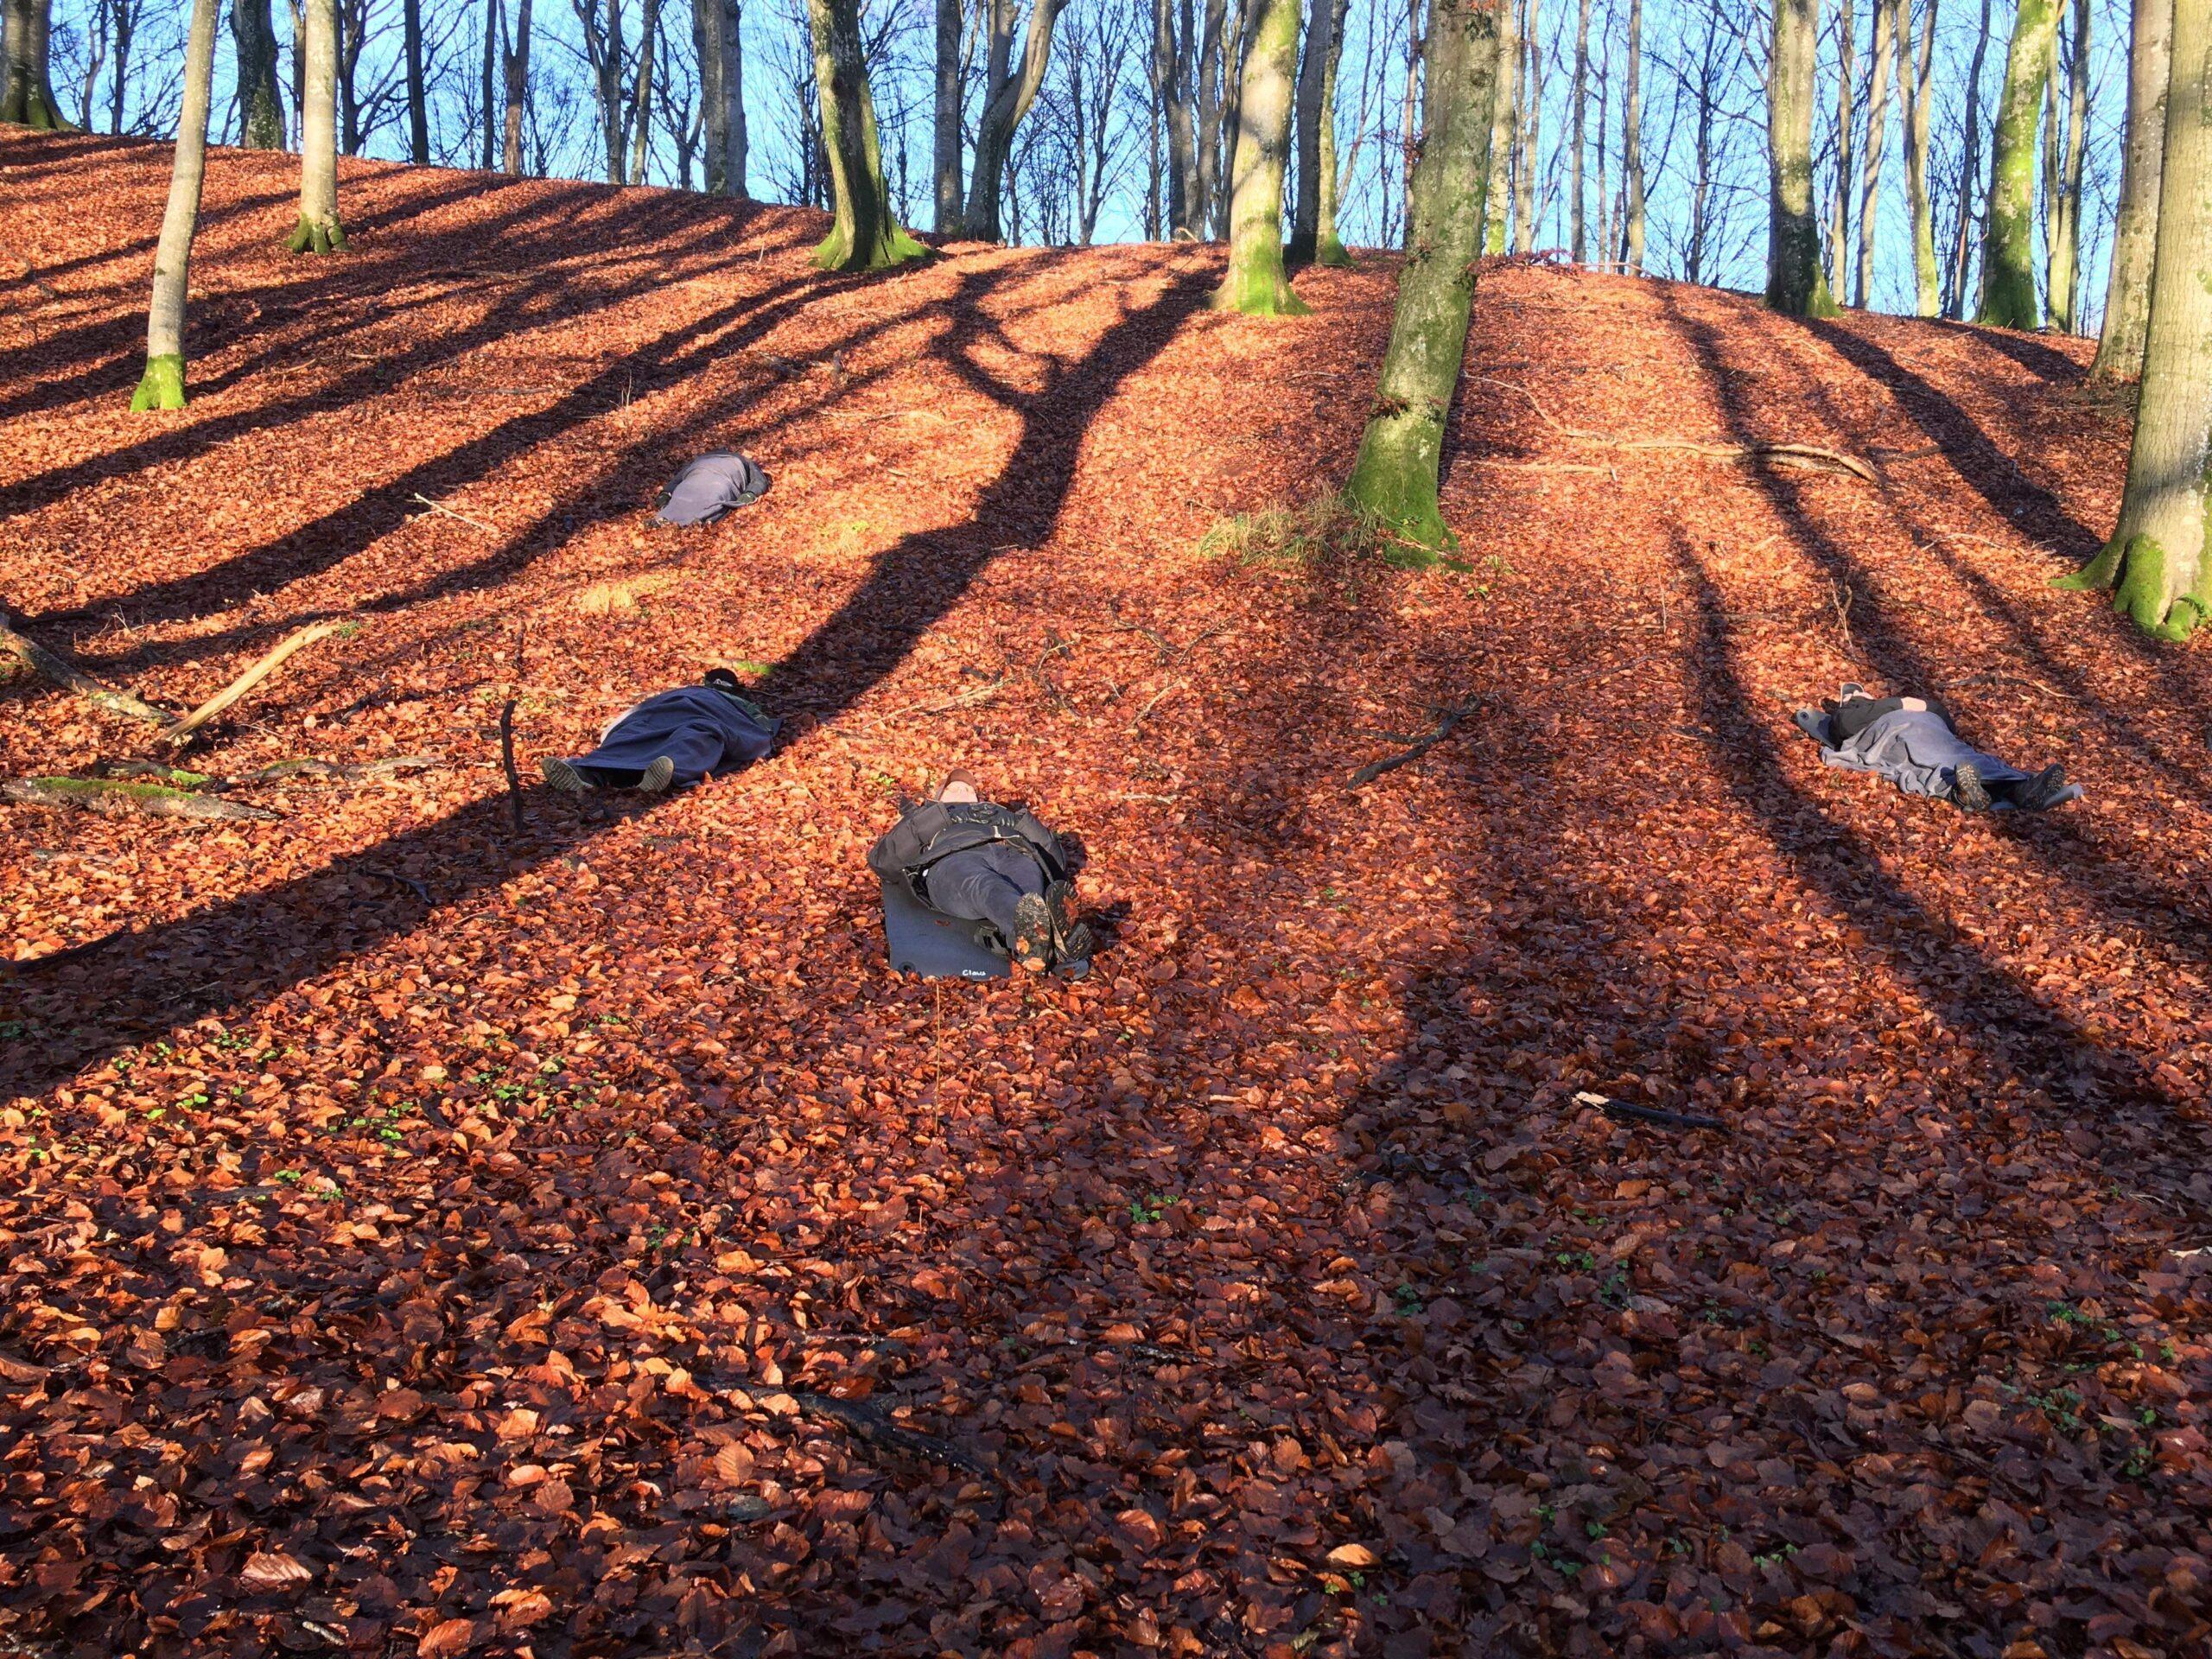 Naturterapi i Vendsyssel - Vildmandskursus, Rodfæste og En god start